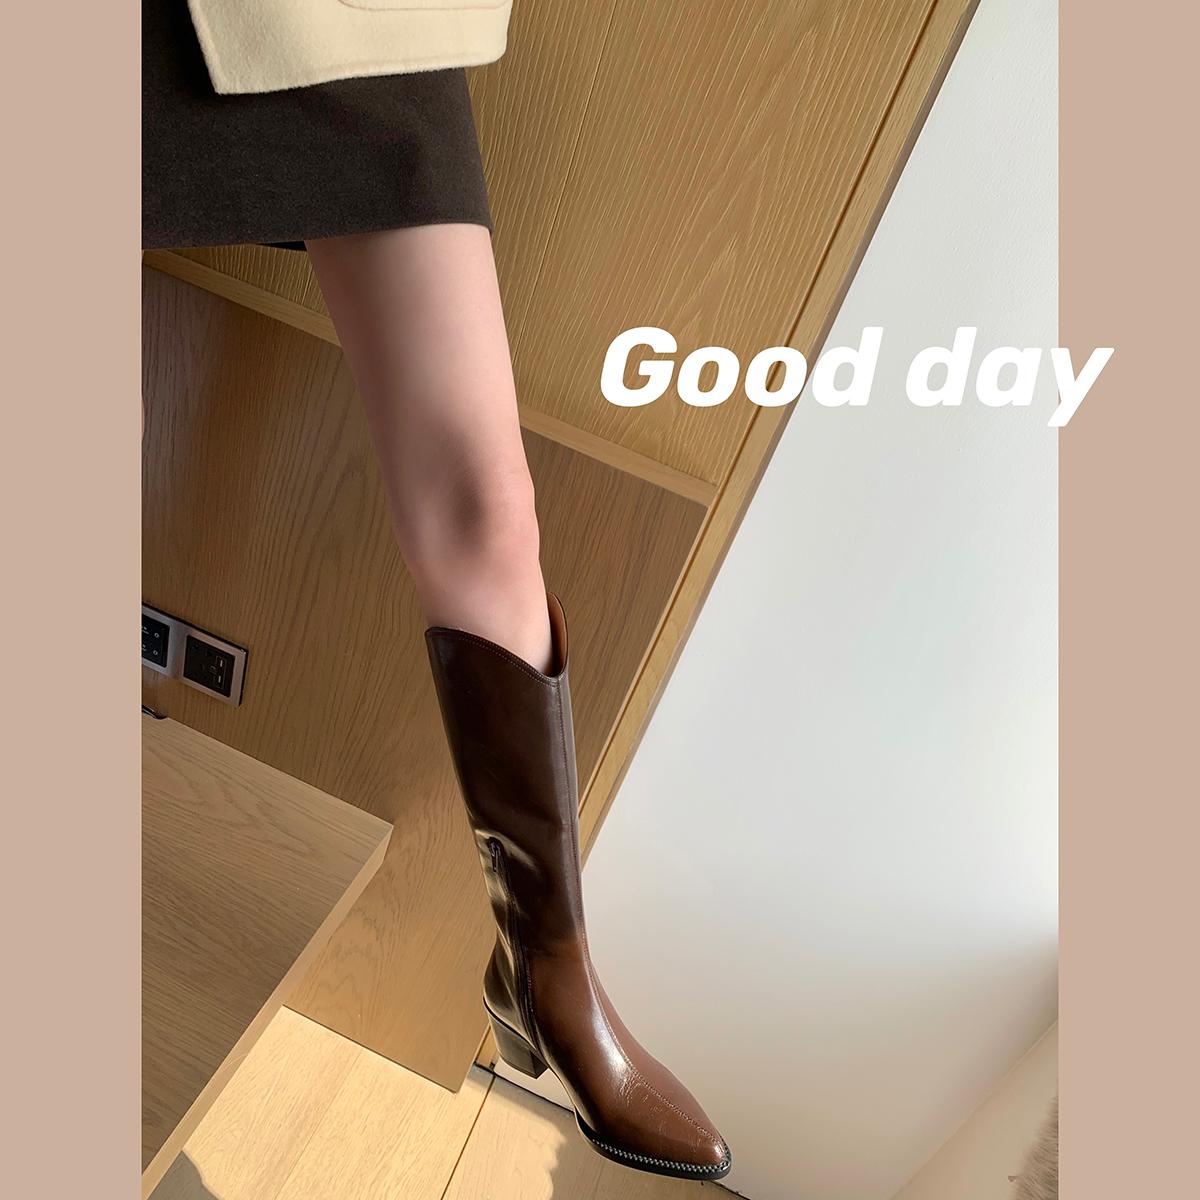 西部牛仔靴女真皮厚底高筒尖头白色骑士长筒靴子 studiolee 葡萄妈